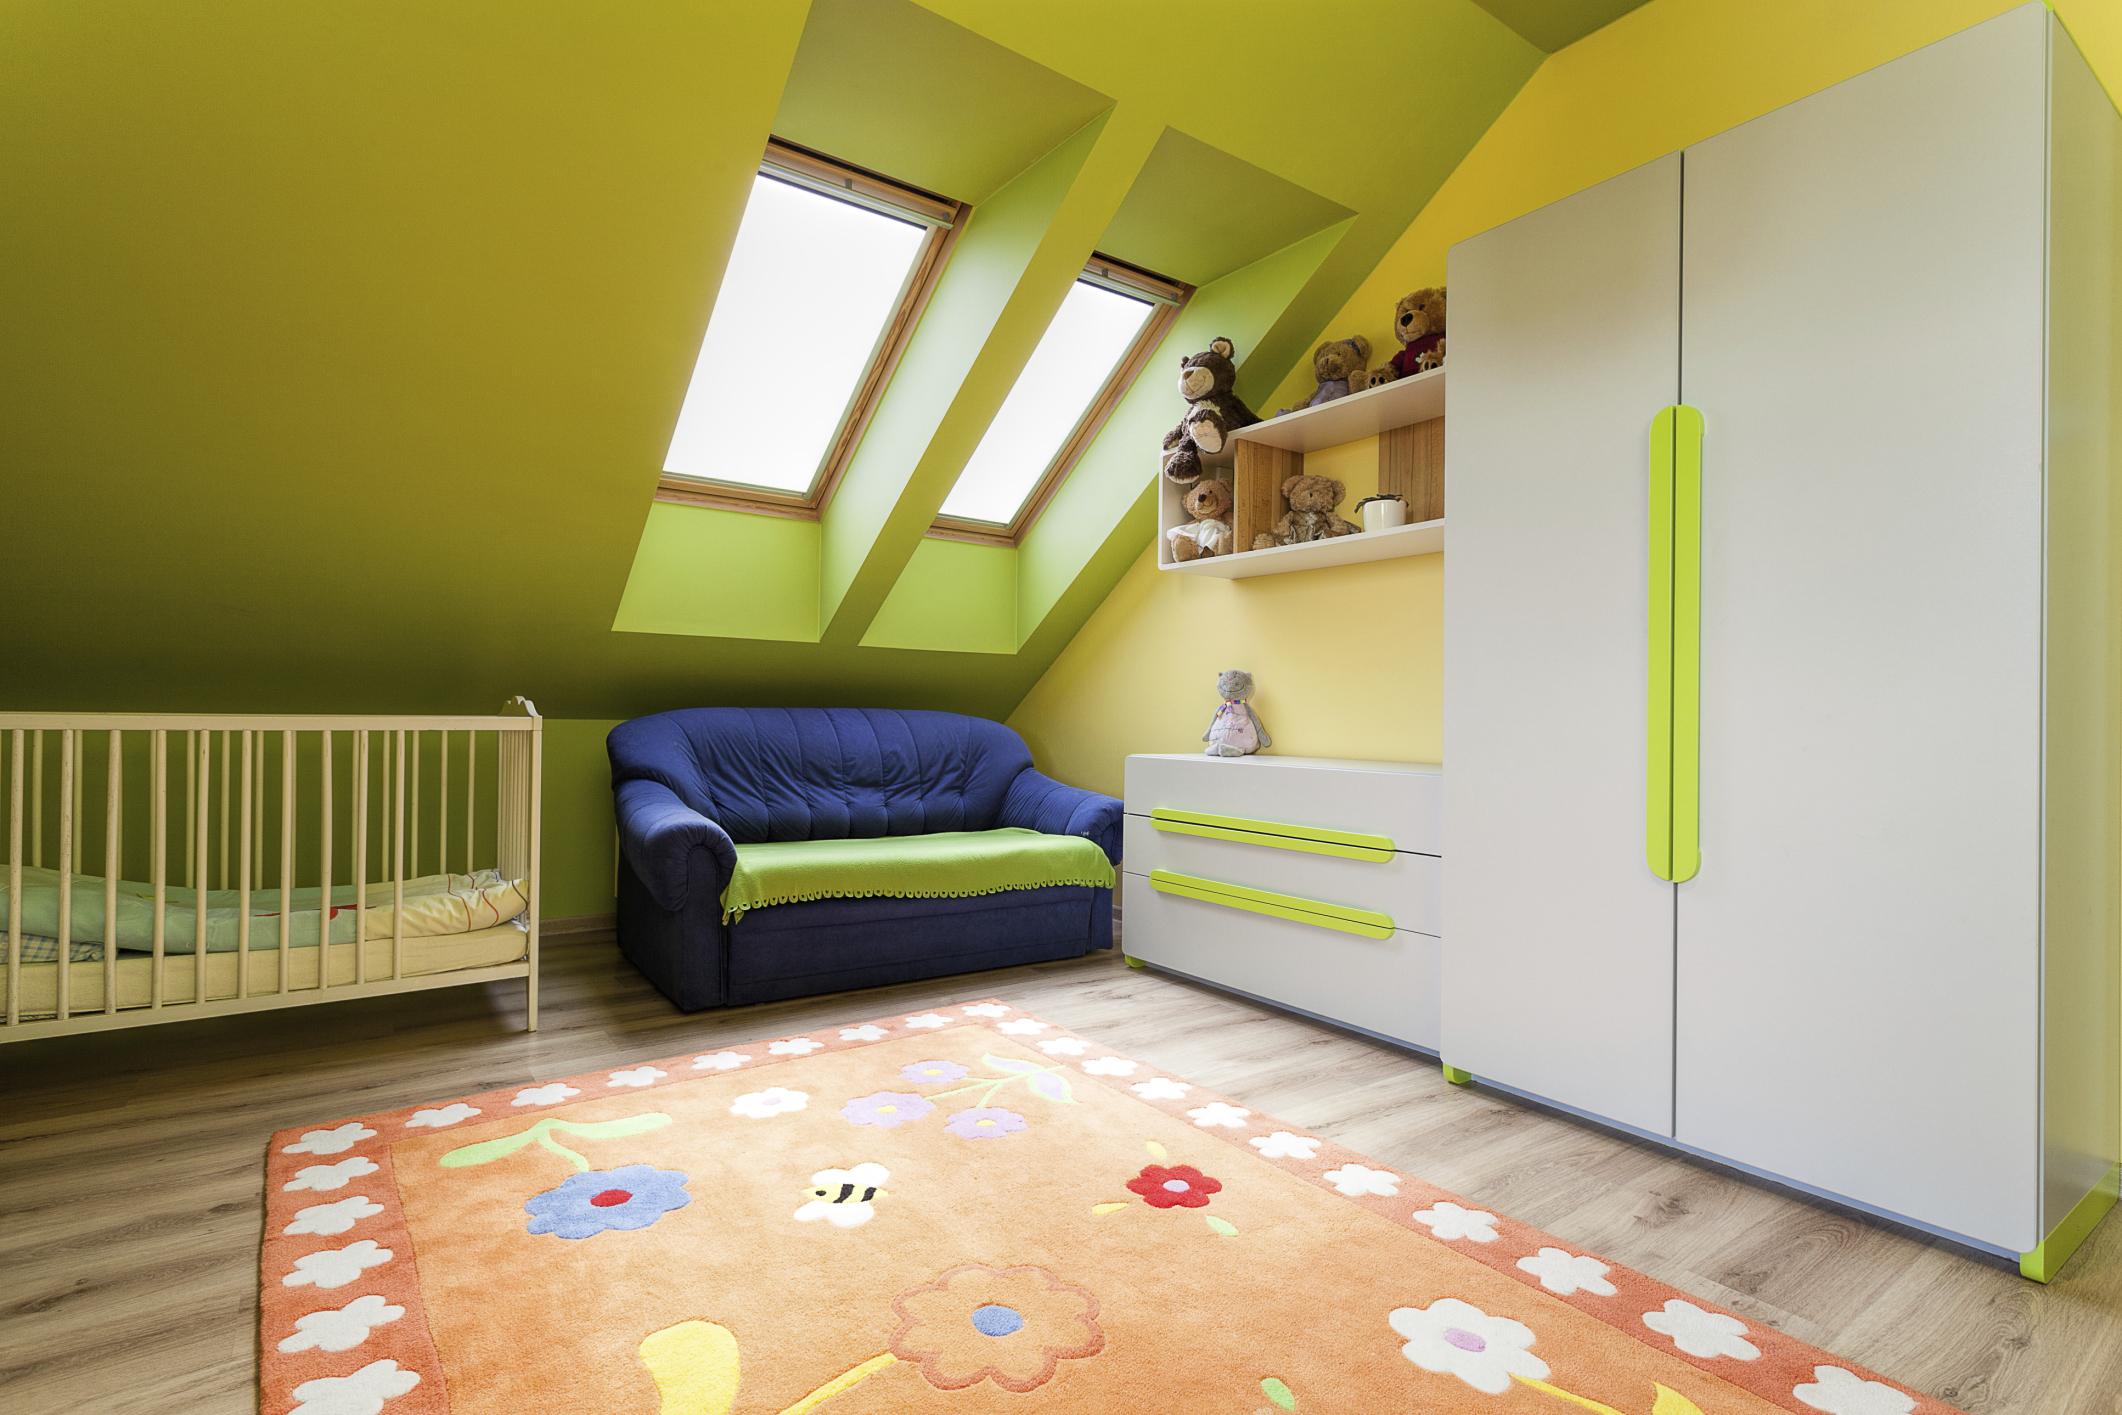 Artikelgebend sind Einrichtungstipps für das optimale Kinderzimmer.